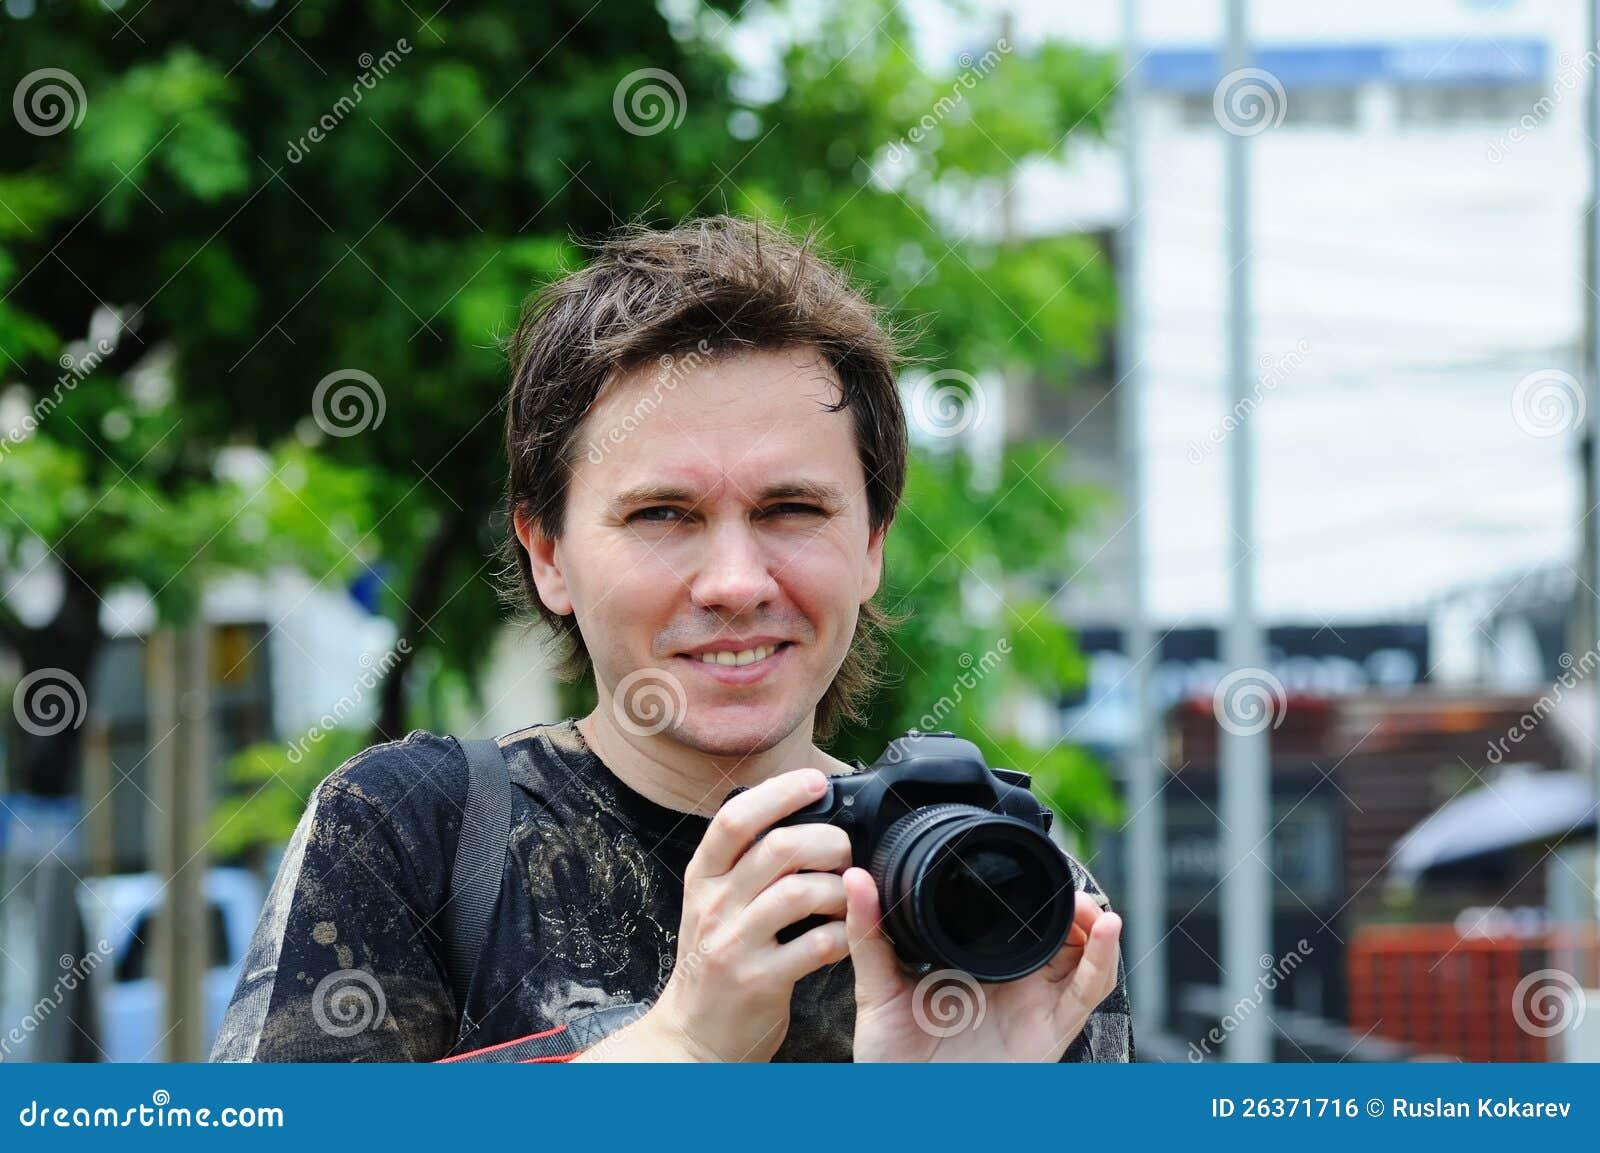 Mann mit Kamera.